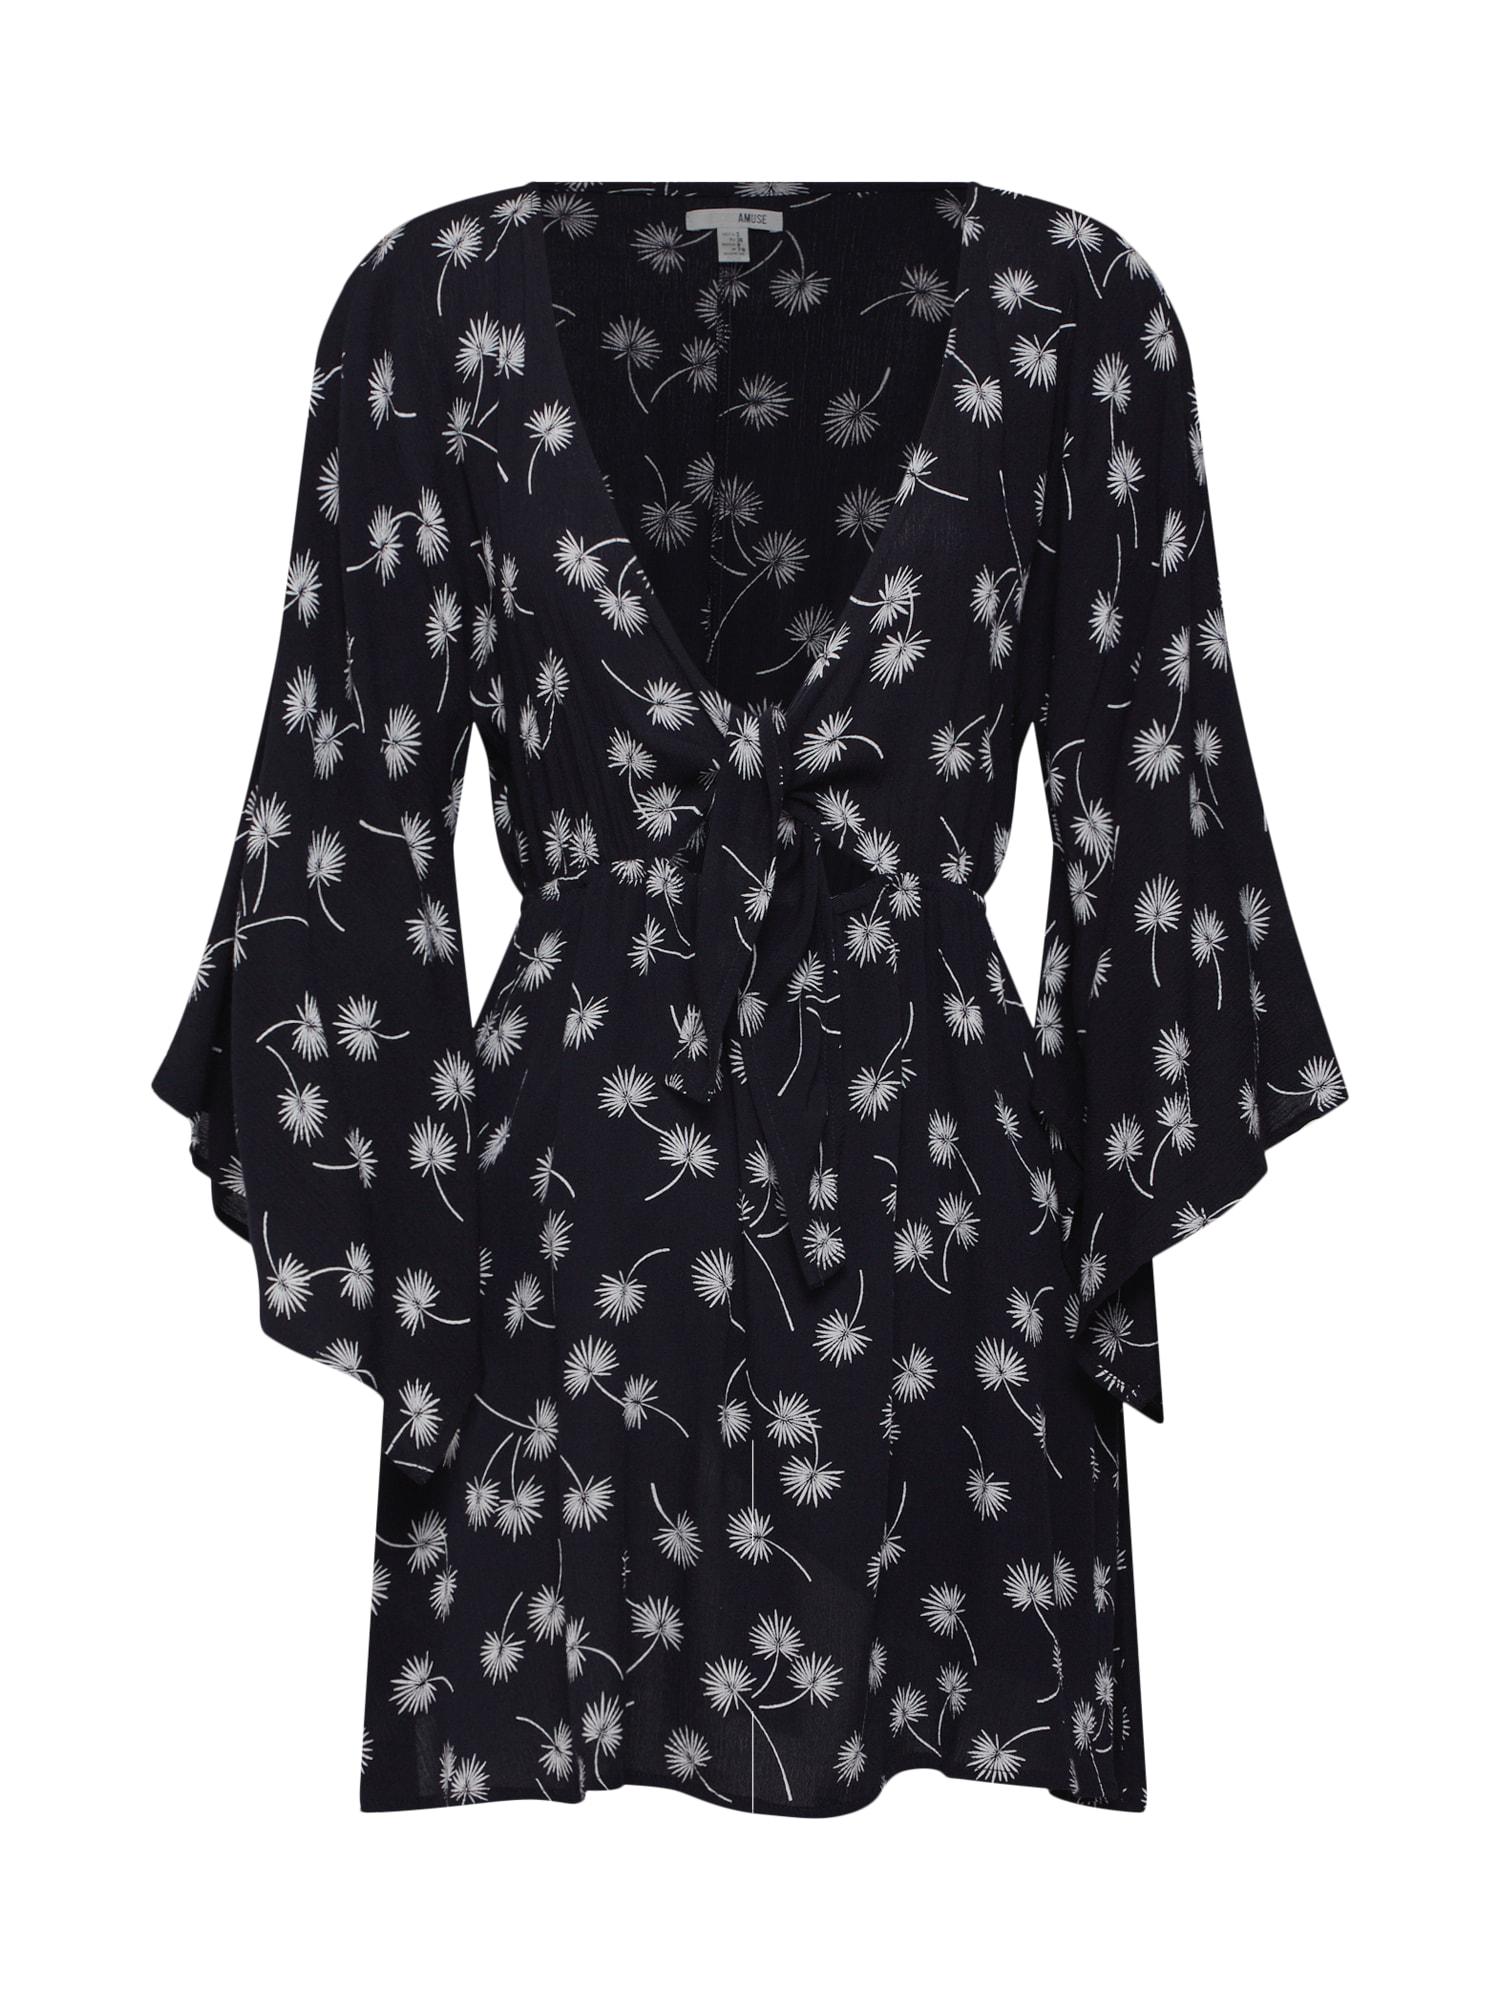 Letní šaty Clementina Dress černá Amuse Society